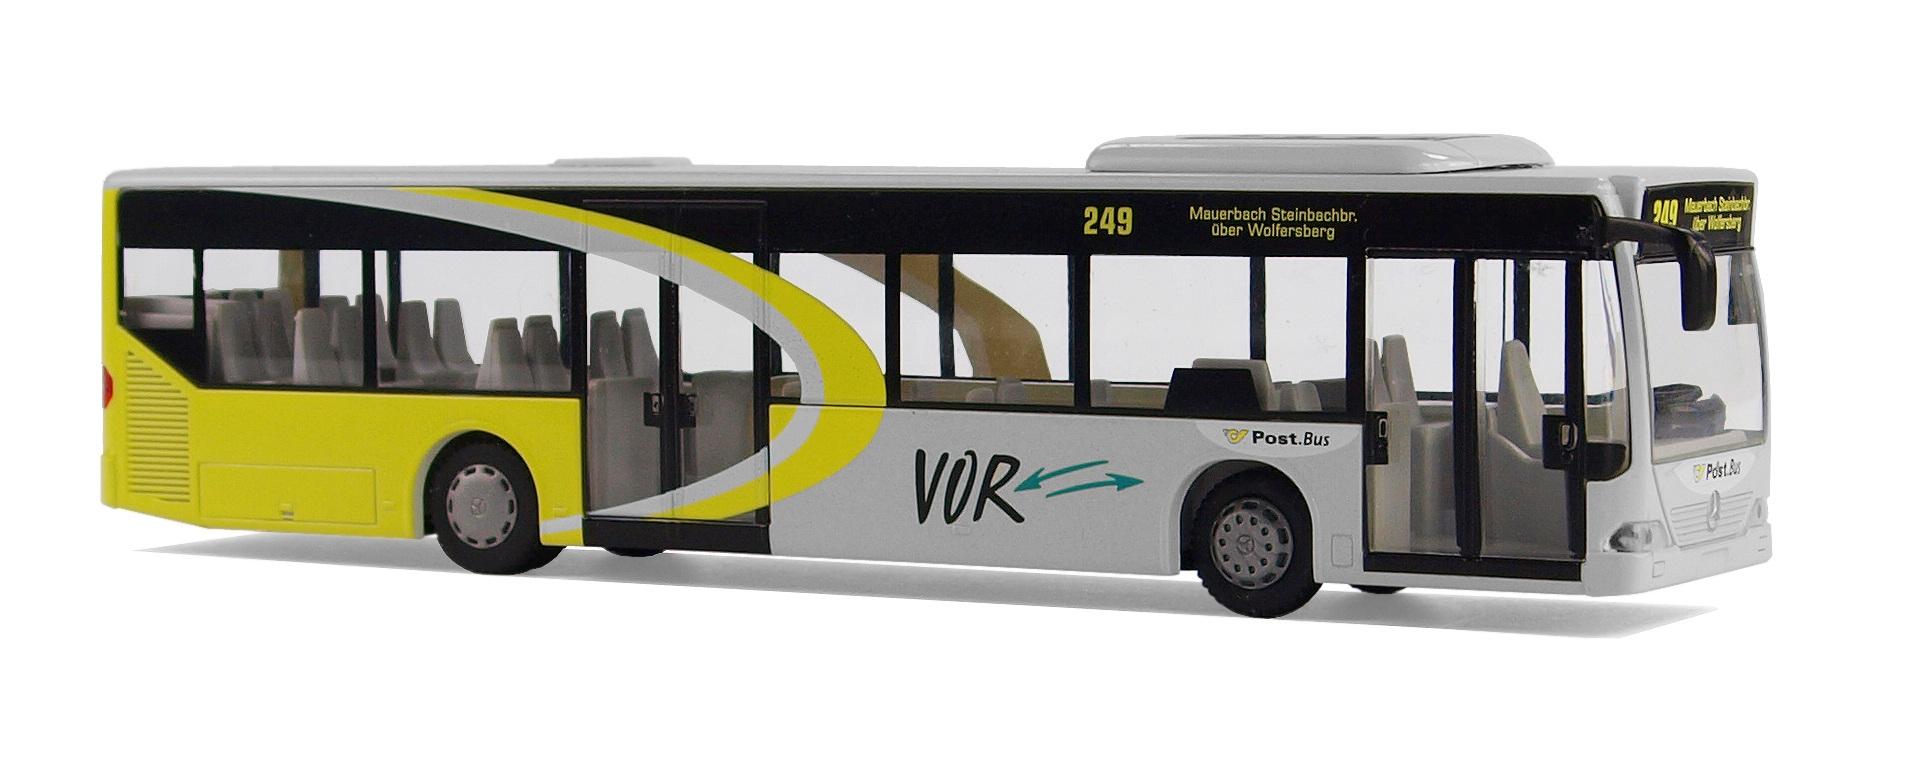 Free images travel leisure public transport austria for Mercedes benz tour bus